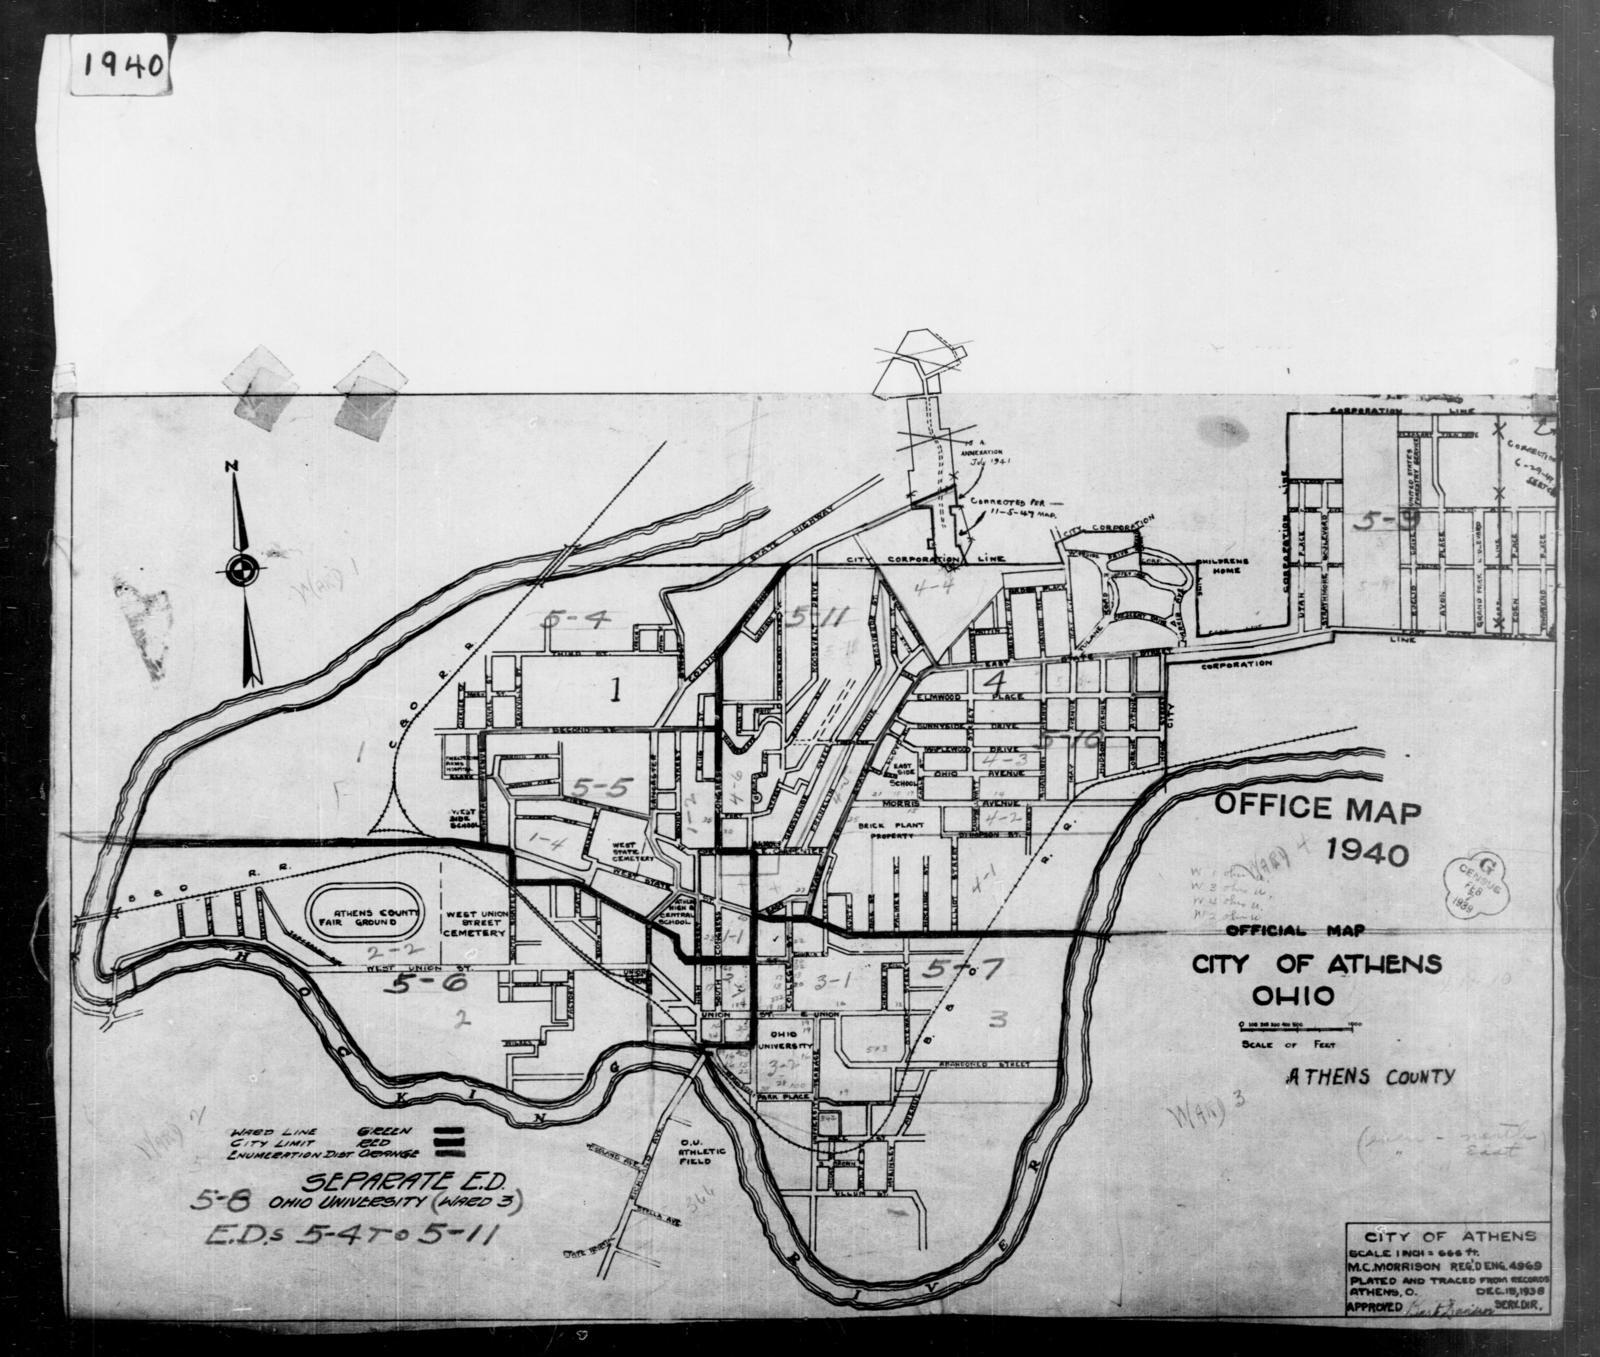 1940 Census Enumeration District Maps - Ohio - Athens County - Athens - ED 5-4, ED 5-5, ED 5-6, ED 5-7, ED 5-8, ED 5-9, ED 5-10, ED 5-11